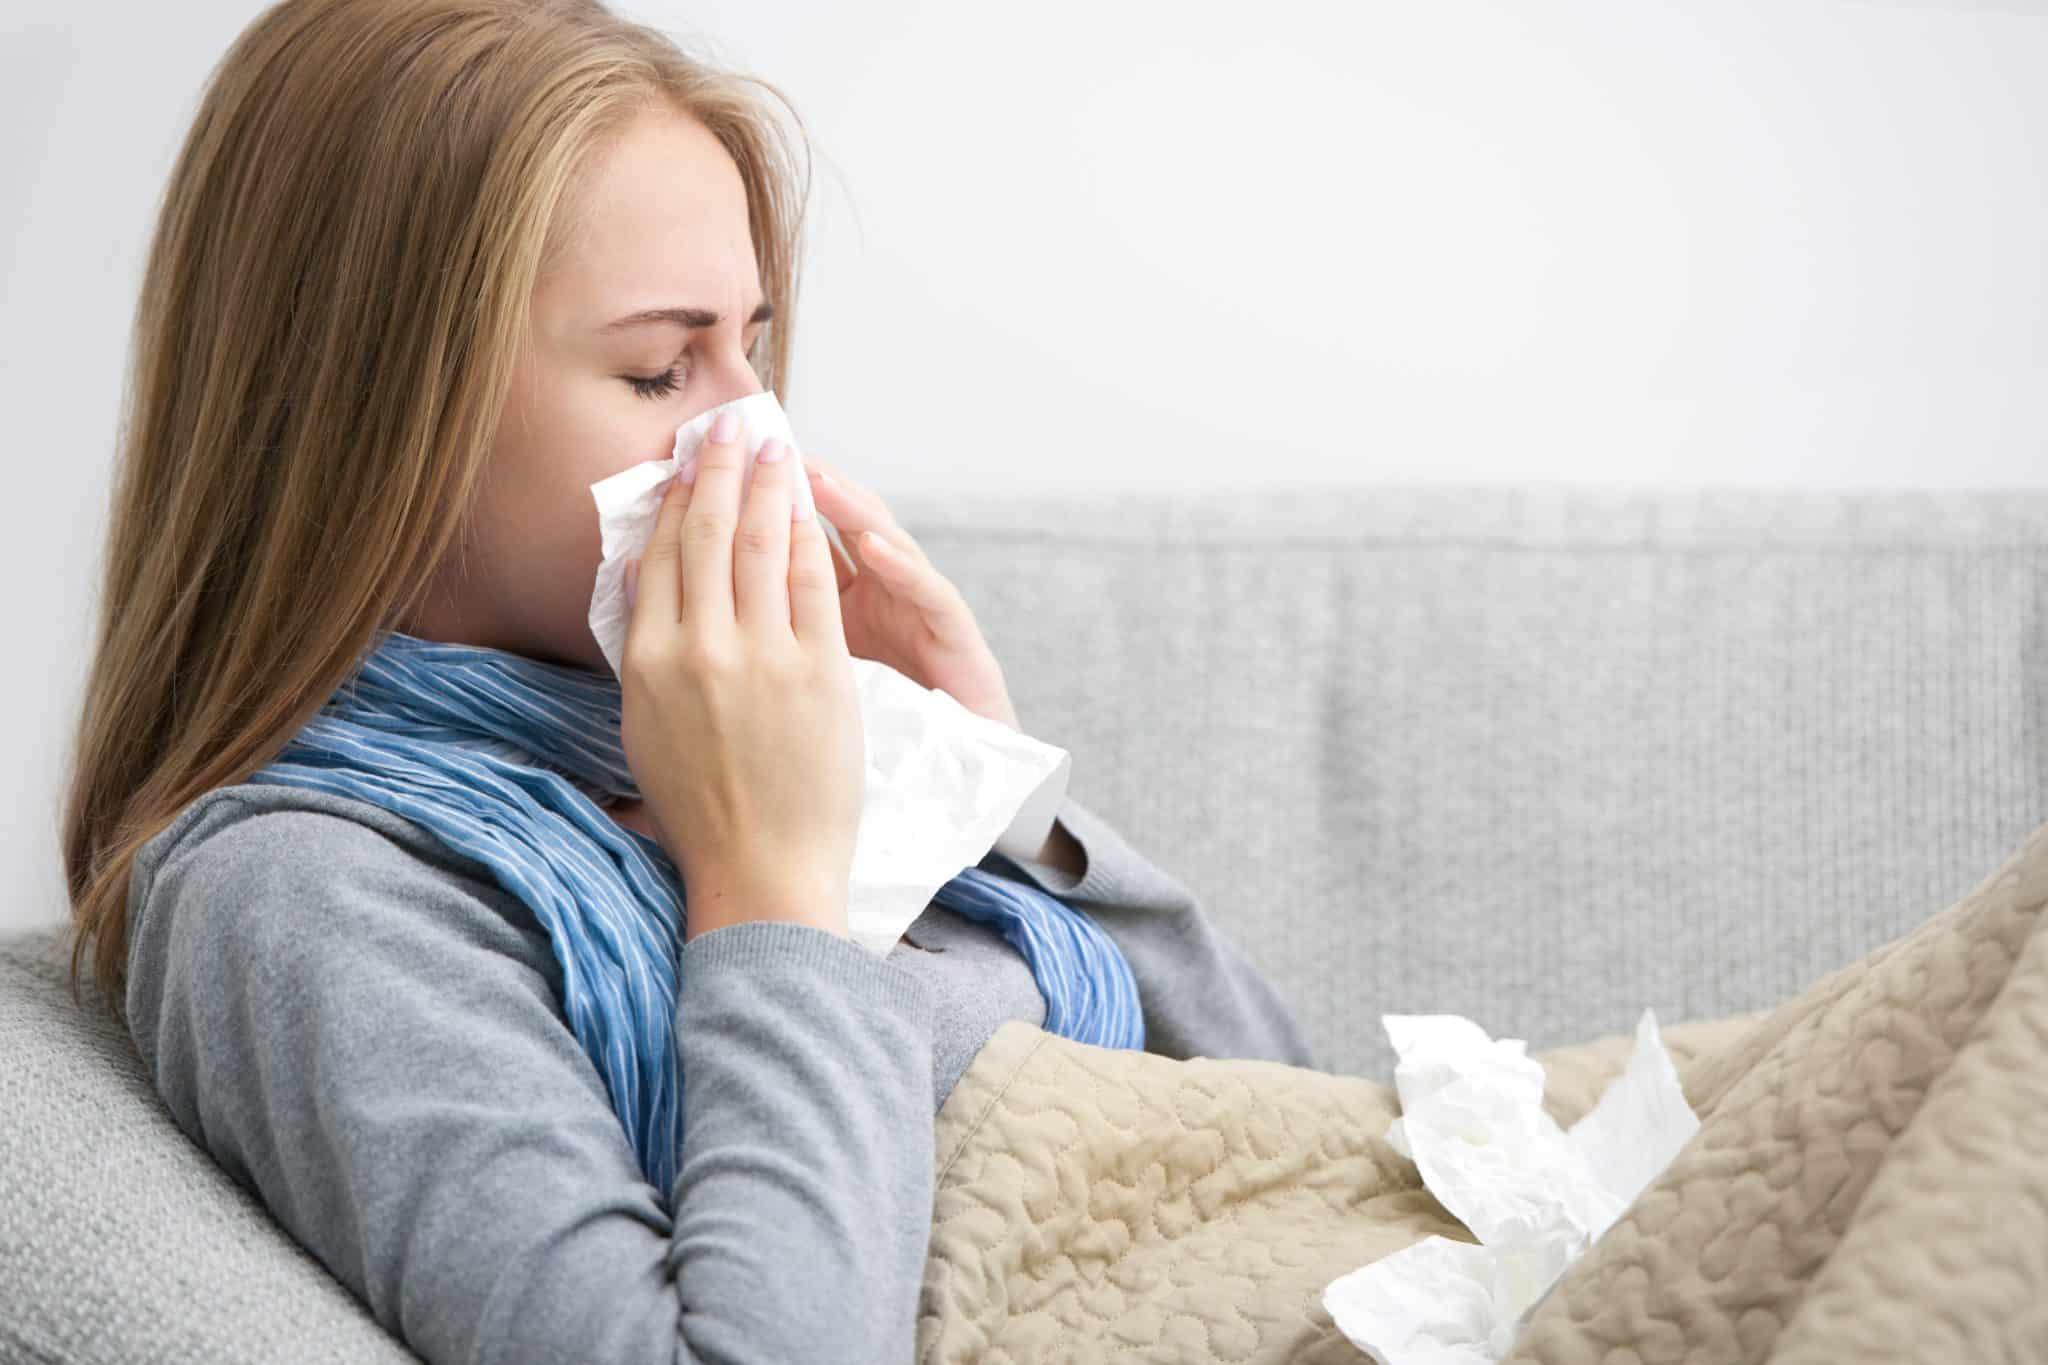 水アレルギー以外のアレルギーに関するトリビア